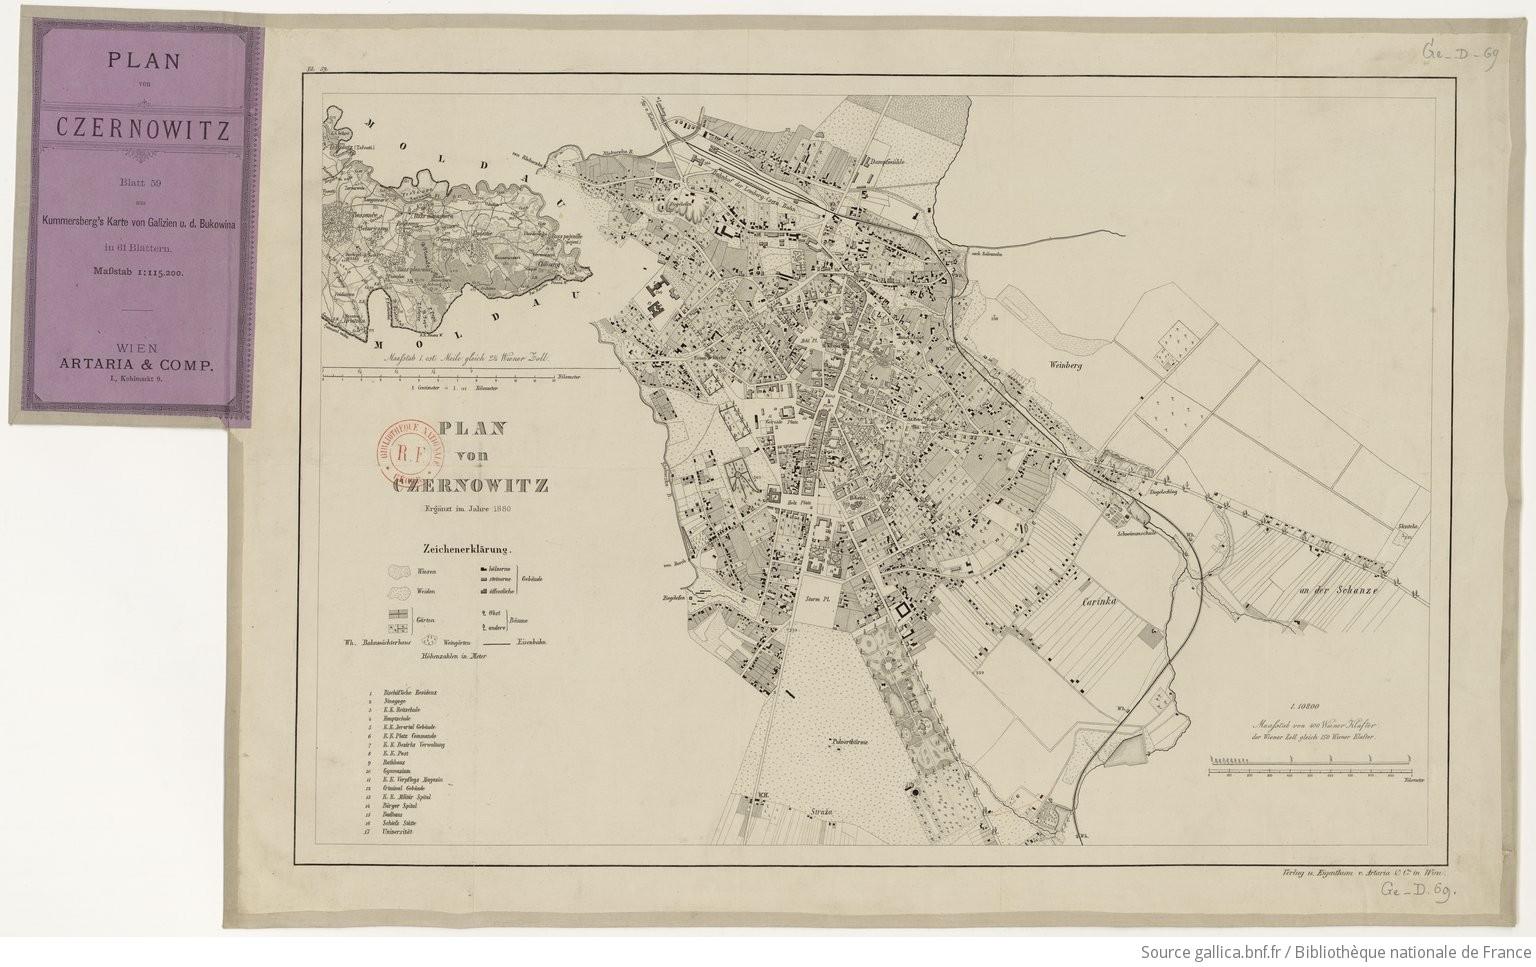 Galizien Karte.Plan Von Czernovitz 1 115 200 Blatt 59 Aus Kummorsberg S Karte Von